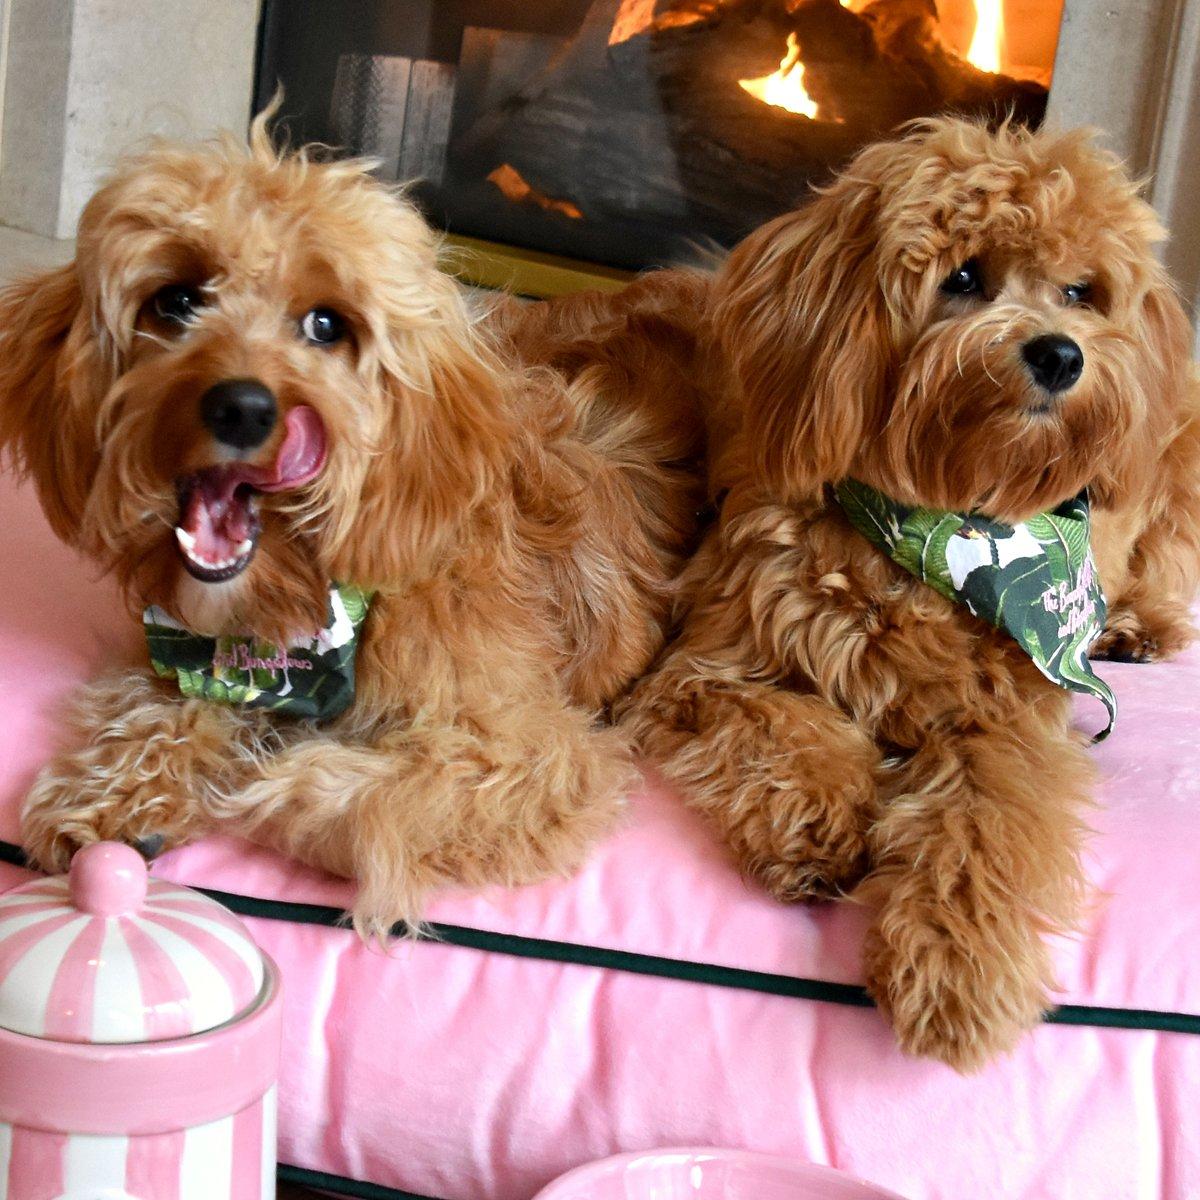 Canine connoisseurs